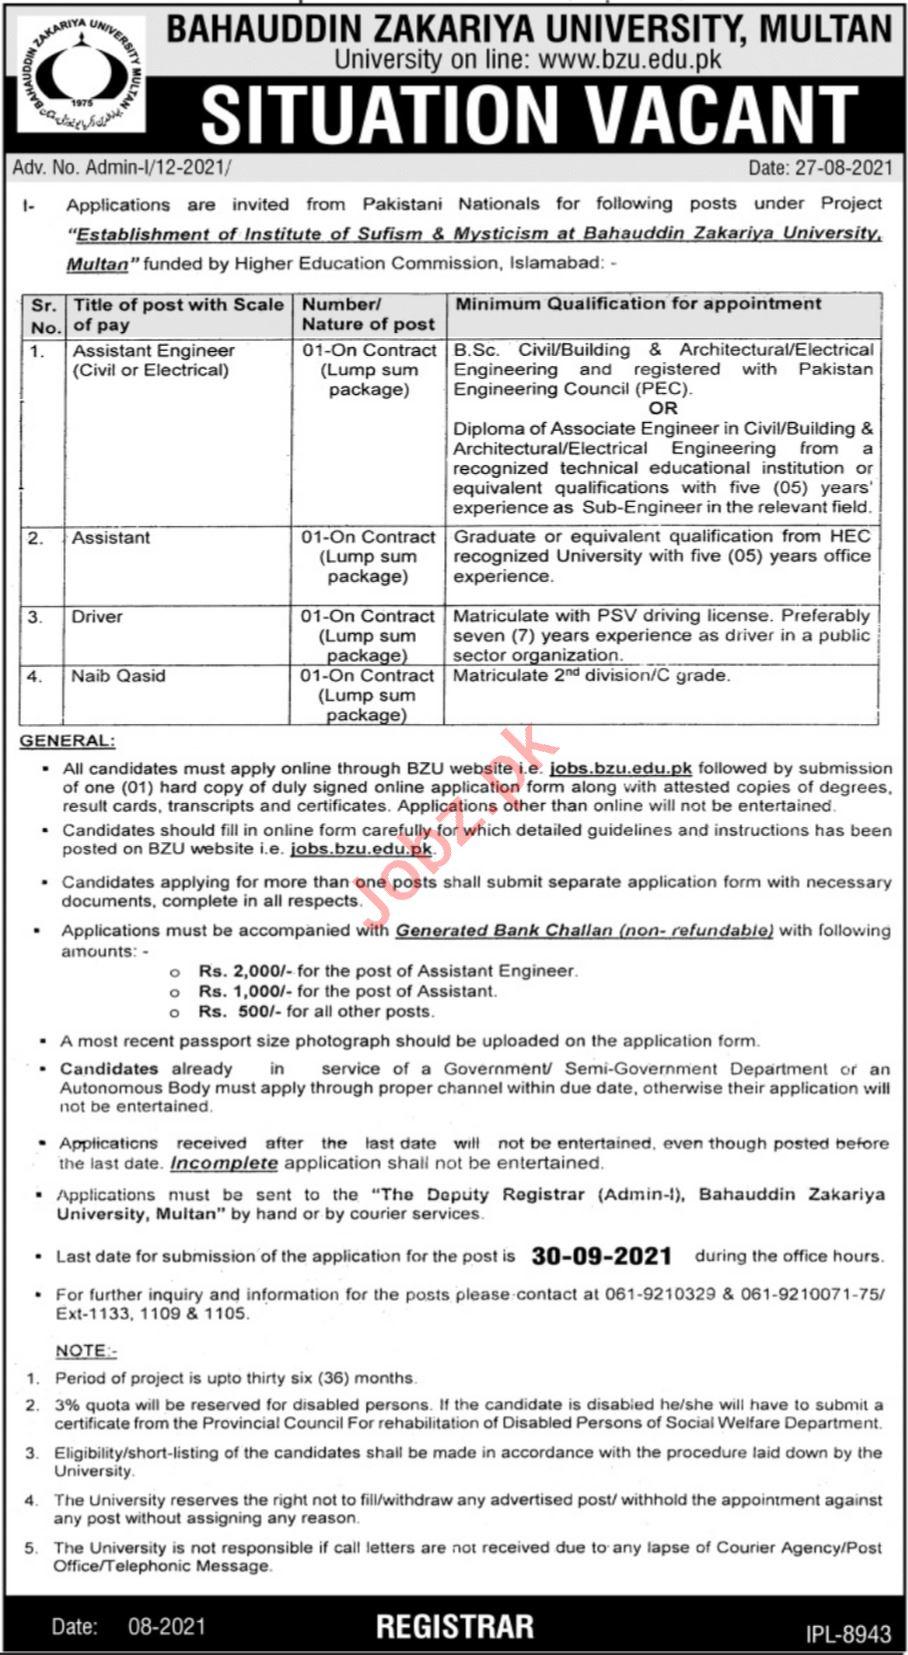 Bahauddin Zakariya University Multan BZU Multan Jobs 2021